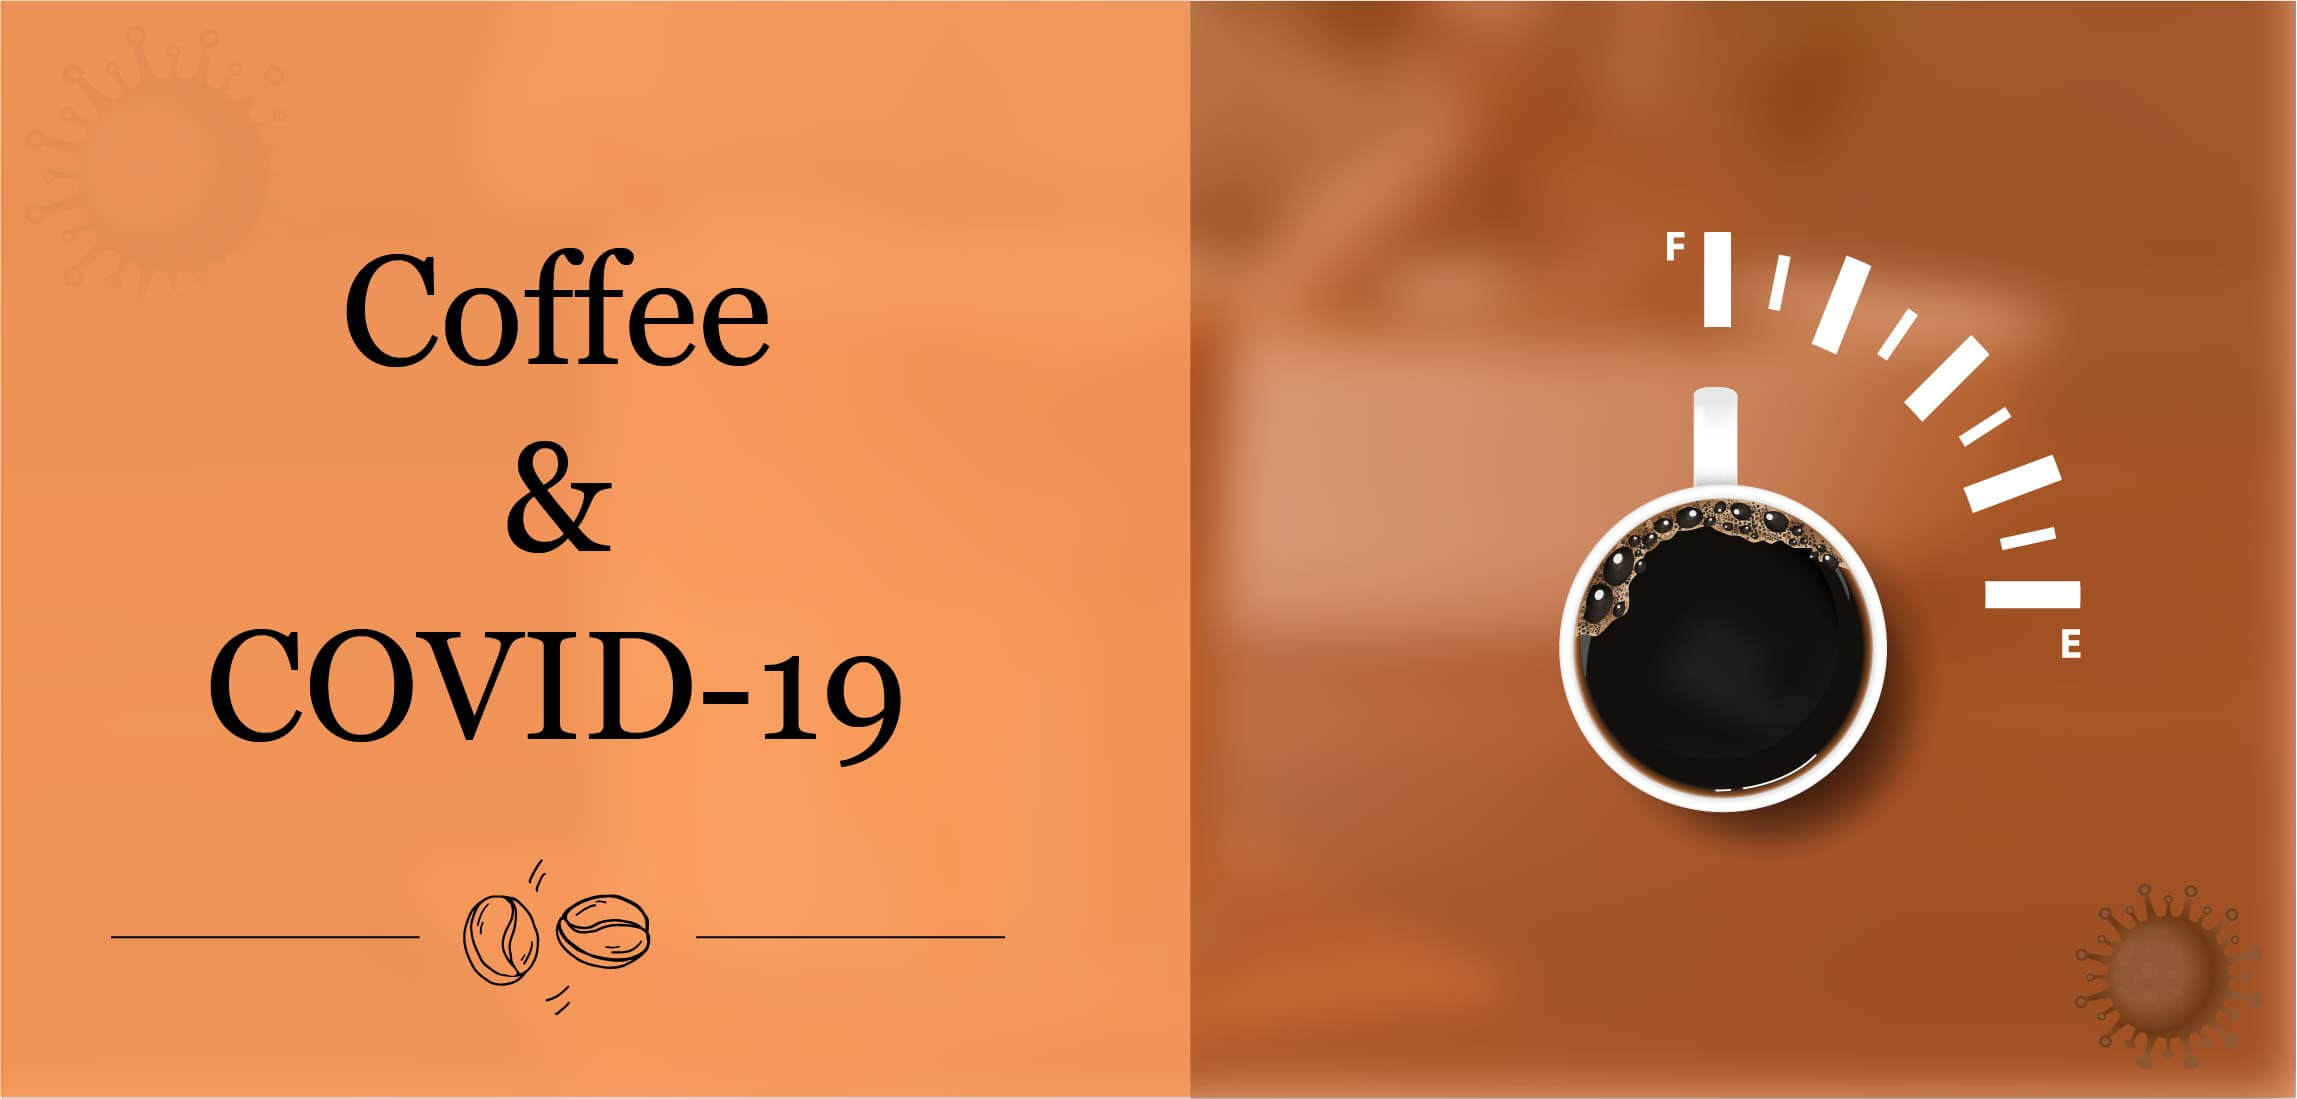 Coffee vs COVID-19